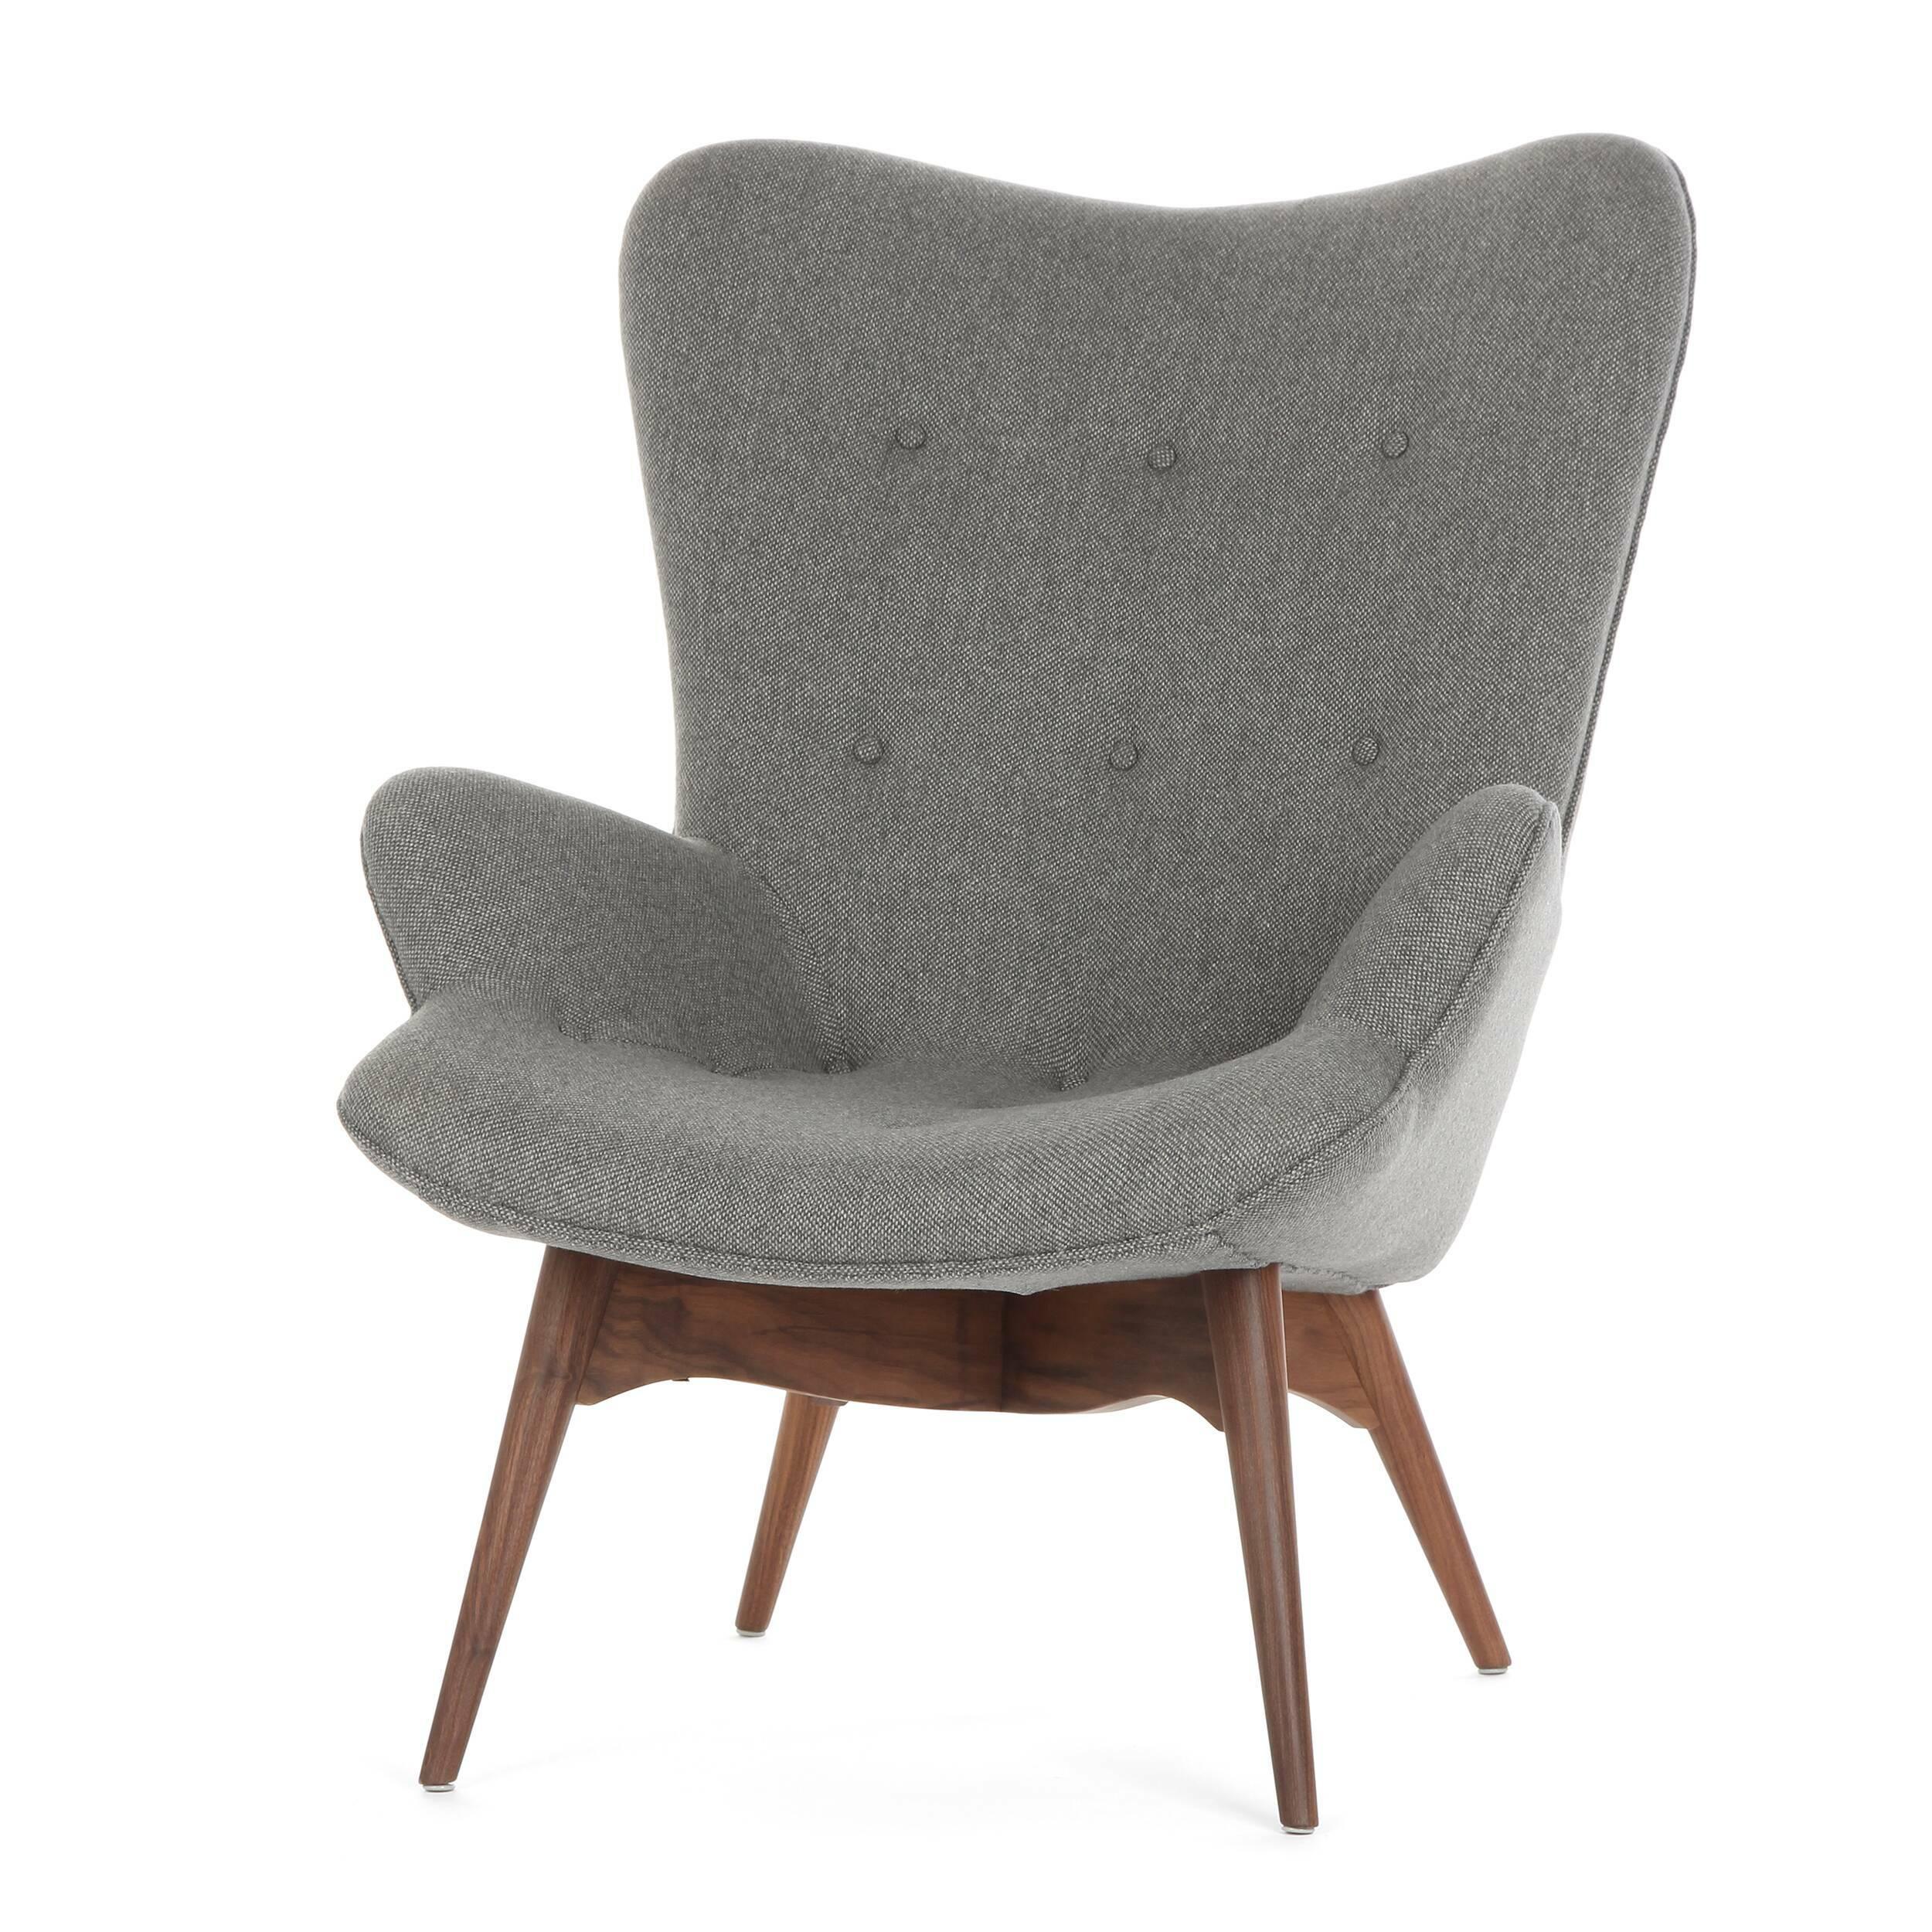 Кресло Contour 2Интерьерные<br>Дизайнерское глубокое кресло Contour 2 (Кантур 2) обивкой из ткани на деревянных ножках от Cosmo (Космо).<br><br><br> Австралийцы любят хороший дизайн во всем, от оформления винных бочонков до серферных досок. Одним из самых ярких дизайнеров стал художник Грант Фезерстон, который начал заниматься дизайном в сороковых годах прошлого столетия и с тех пор стал иконой стиля во всем мире.<br><br><br> Идеальное как для прихожей, так и для гостиной, оригинальное кресло Contour знаменует собой значительный о...<br><br>stock: 2<br>Высота: 91<br>Высота сиденья: 37<br>Ширина: 73,5<br>Глубина: 83<br>Цвет ножек: Орех американский<br>Материал ножек: Массив ореха<br>Материал обивки: Шерсть, Нейлон<br>Коллекция ткани: B Fabric<br>Тип материала обивки: Ткань<br>Тип материала ножек: Дерево<br>Цвет обивки: Бежево-серый